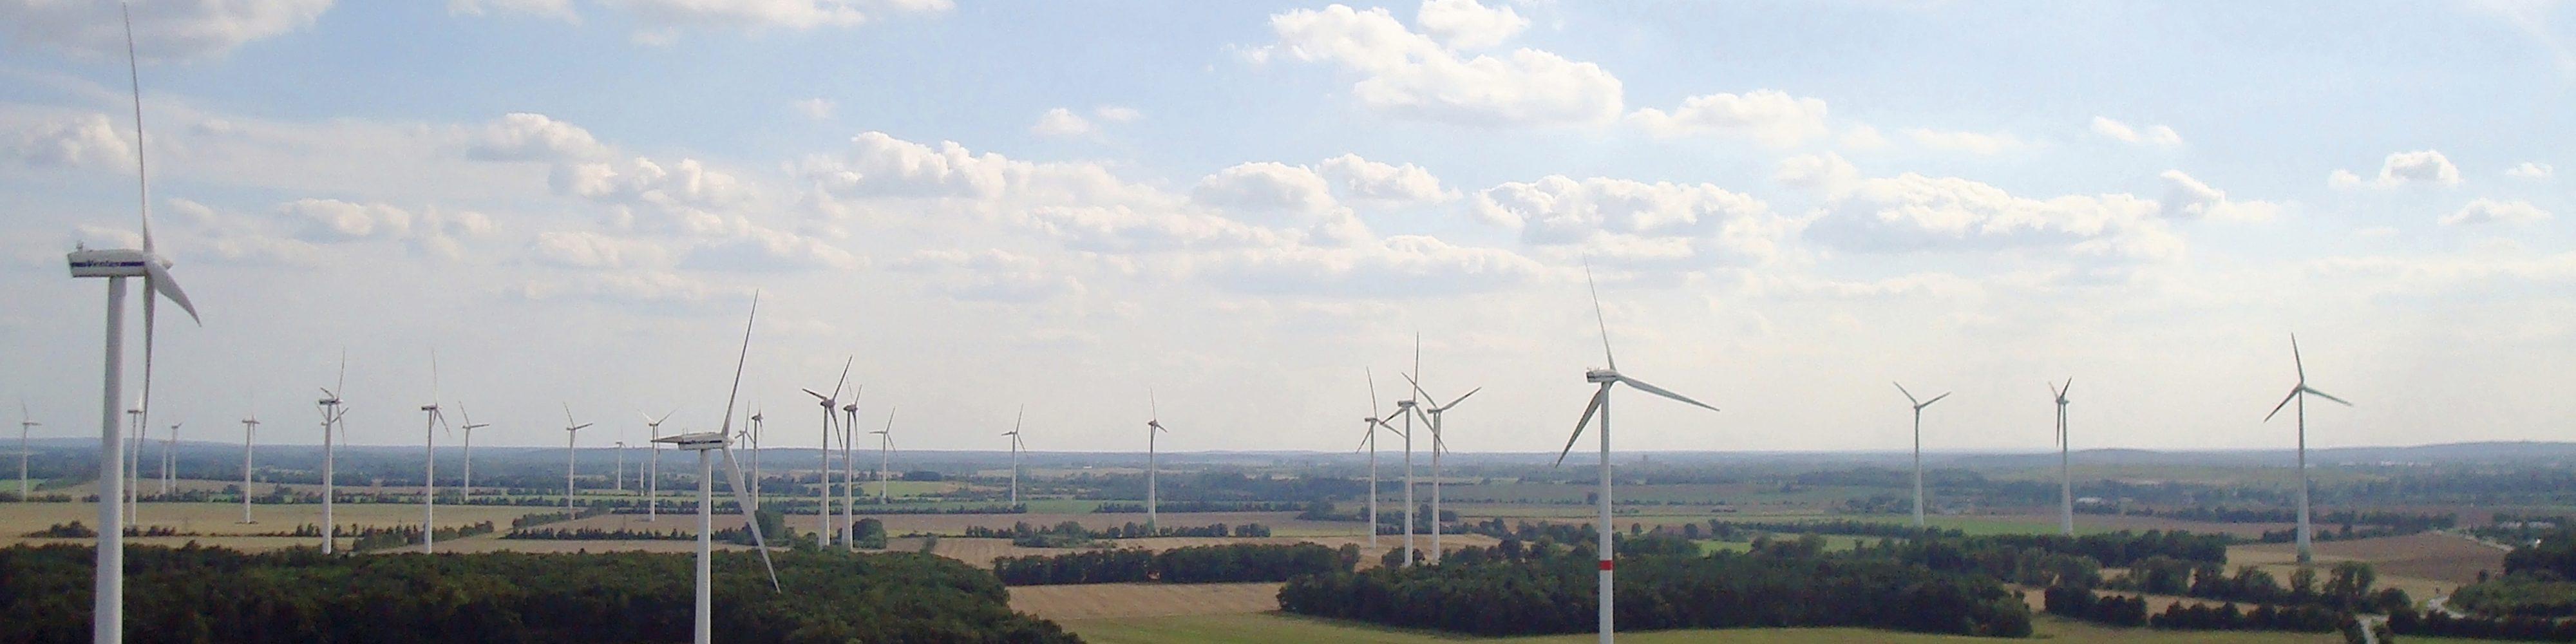 Unsere Windkraftanlagen im Windpark Wernitz